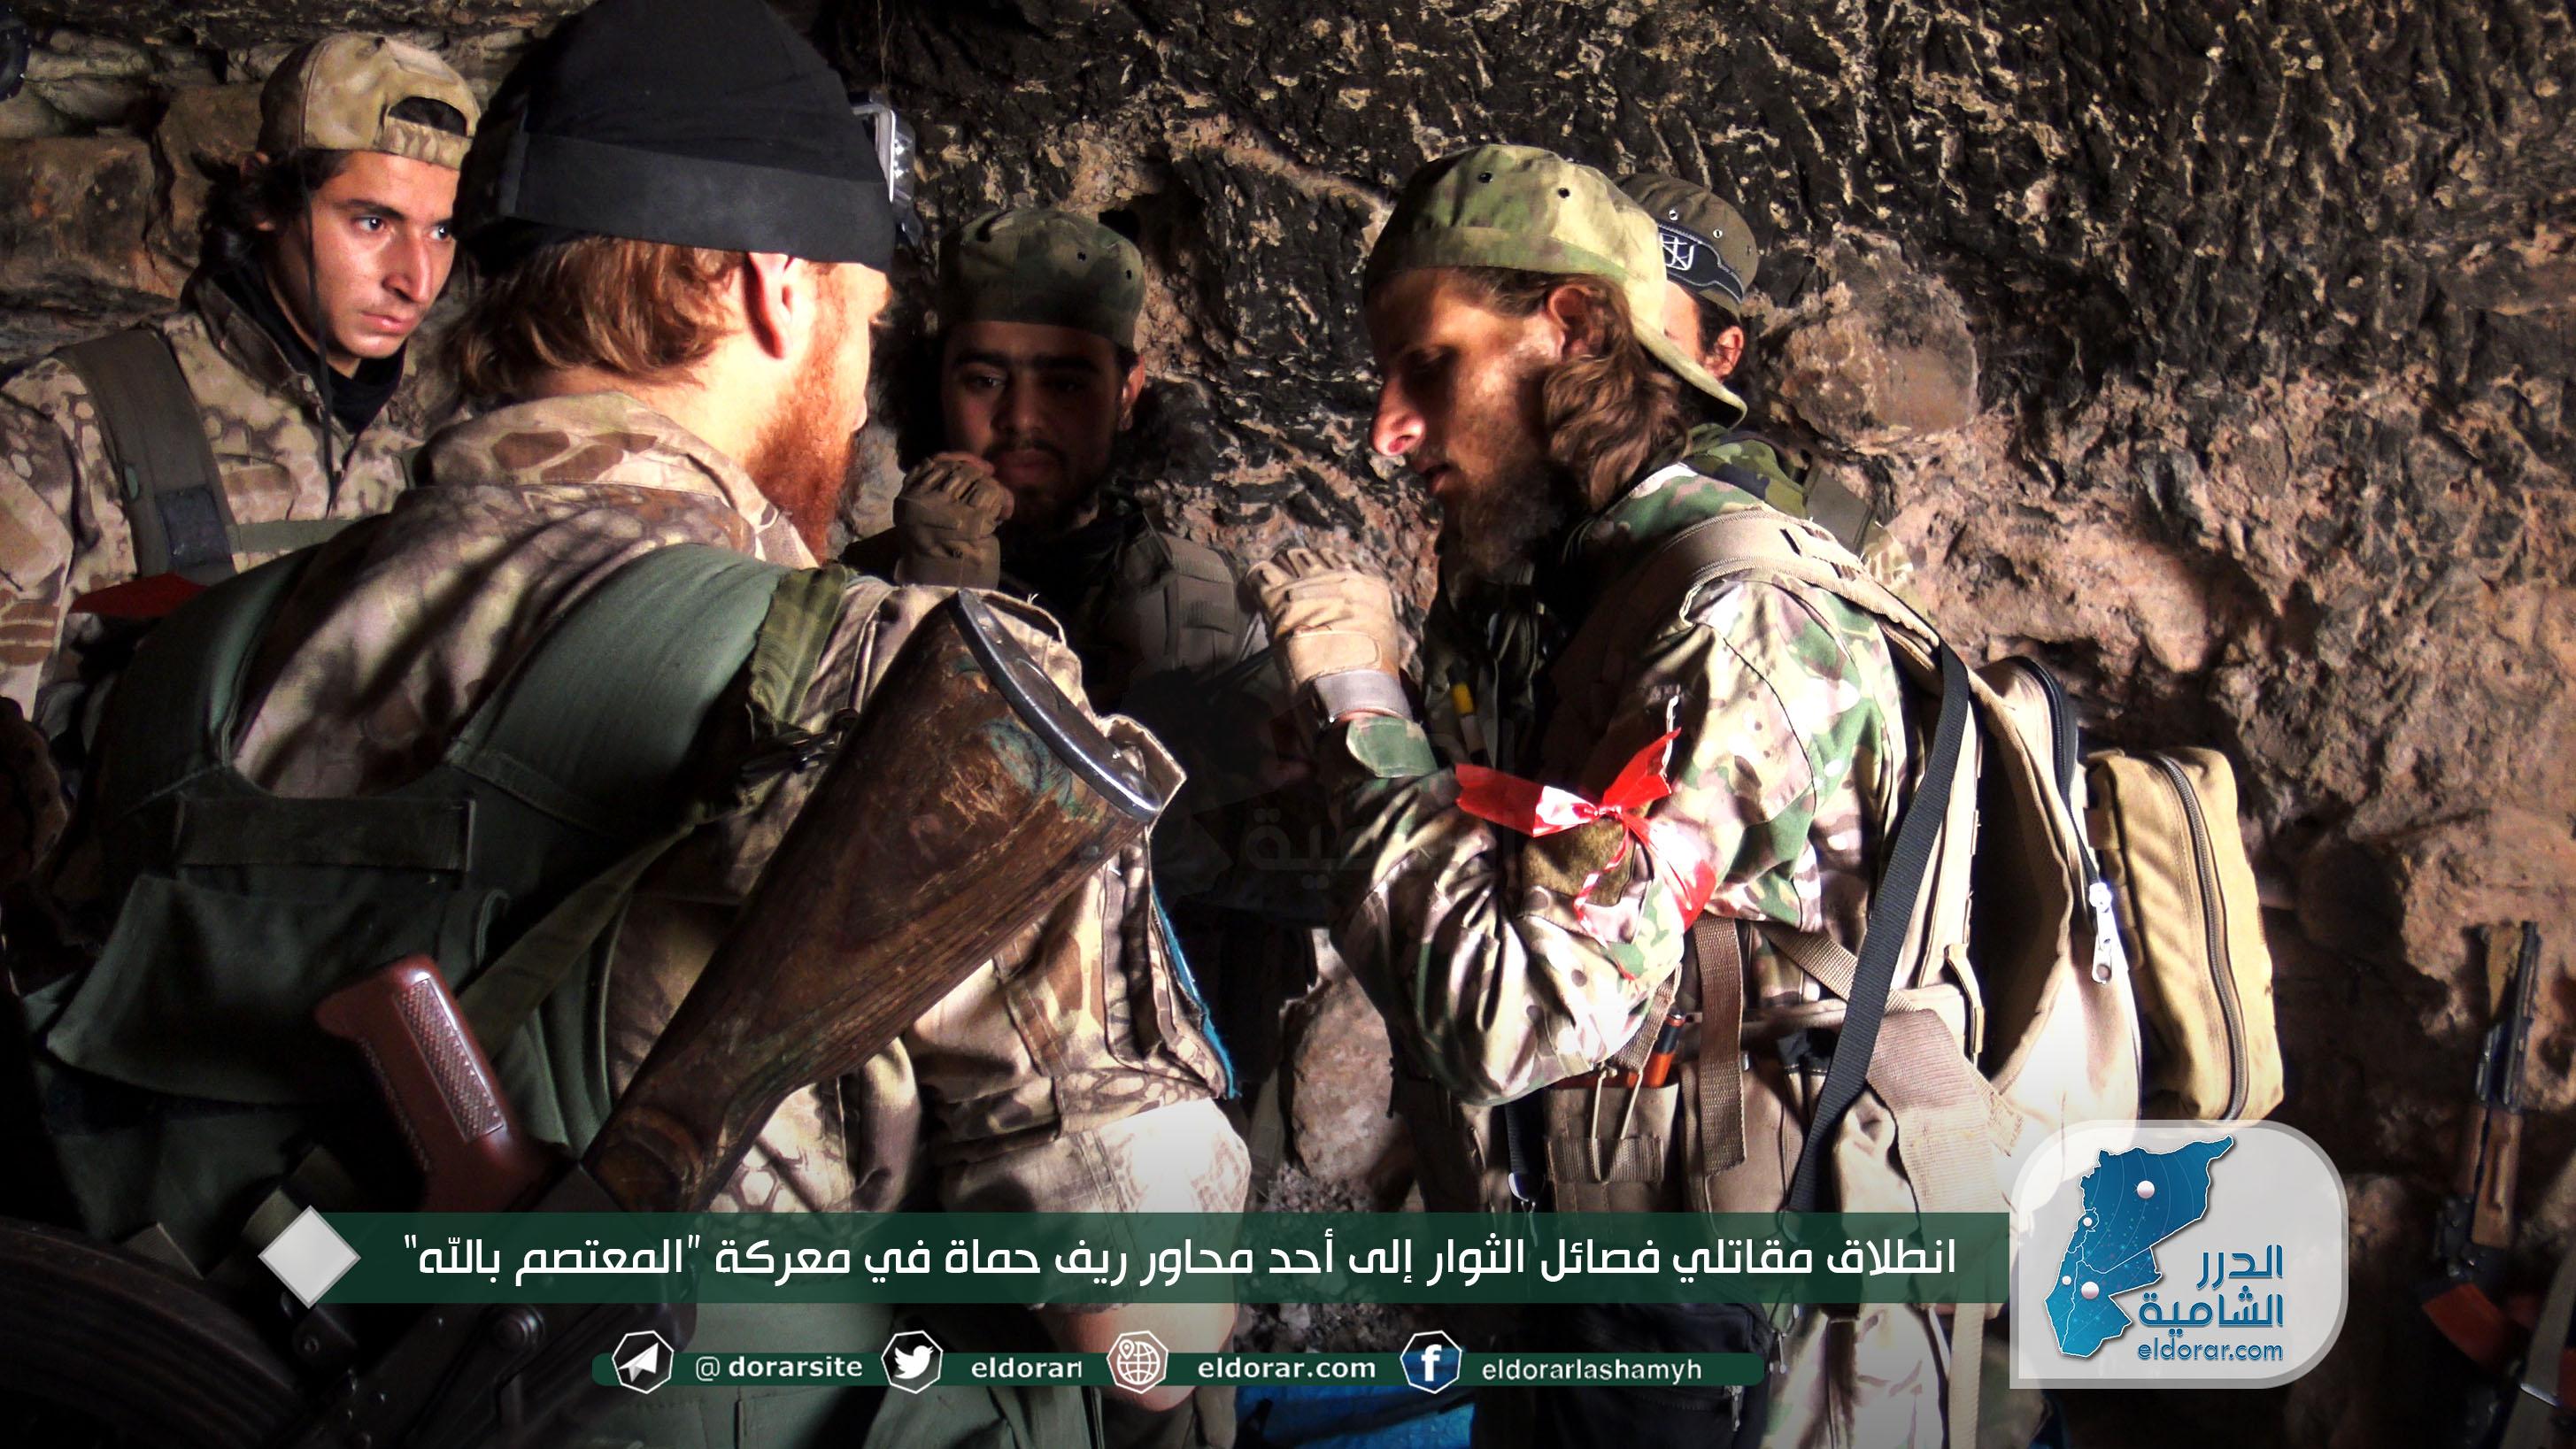 الفصائل الثورية توجه ضربة موجعة لقوات الأسد جنوب إدلب